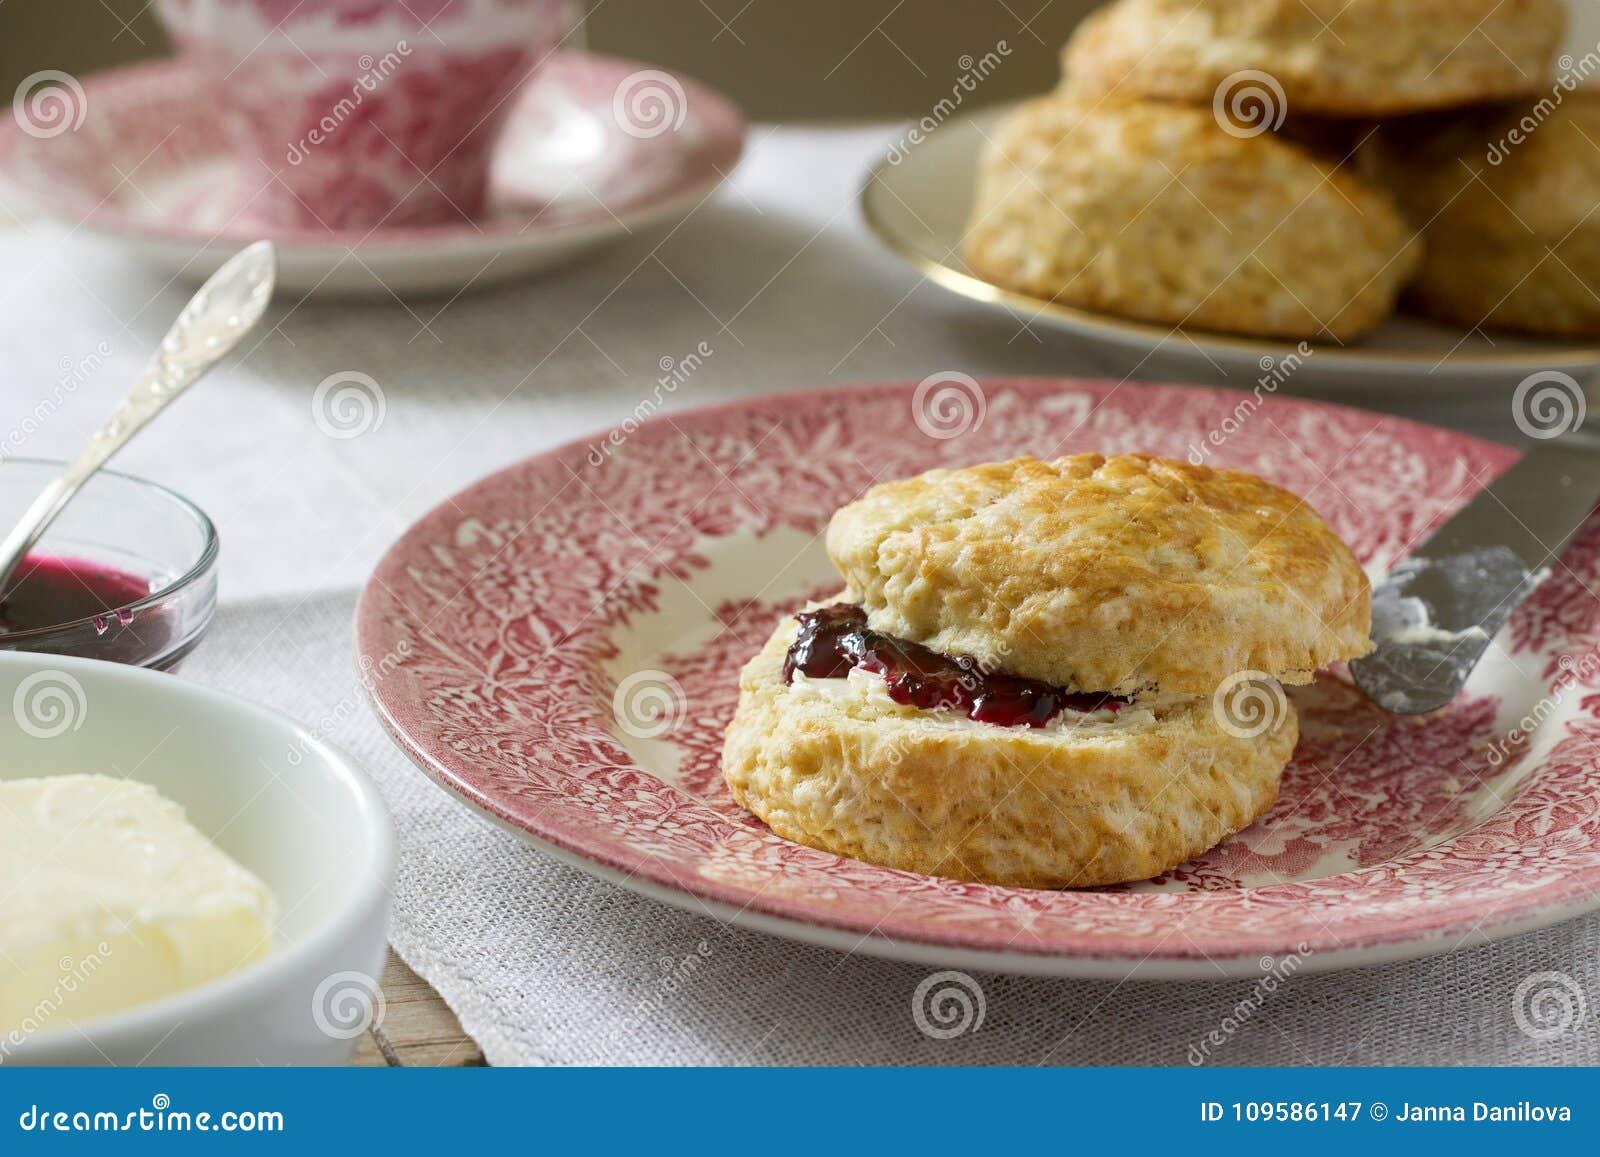 Sconeser för hemlagat bröd med varmt te, traditionella brittiska bakelser